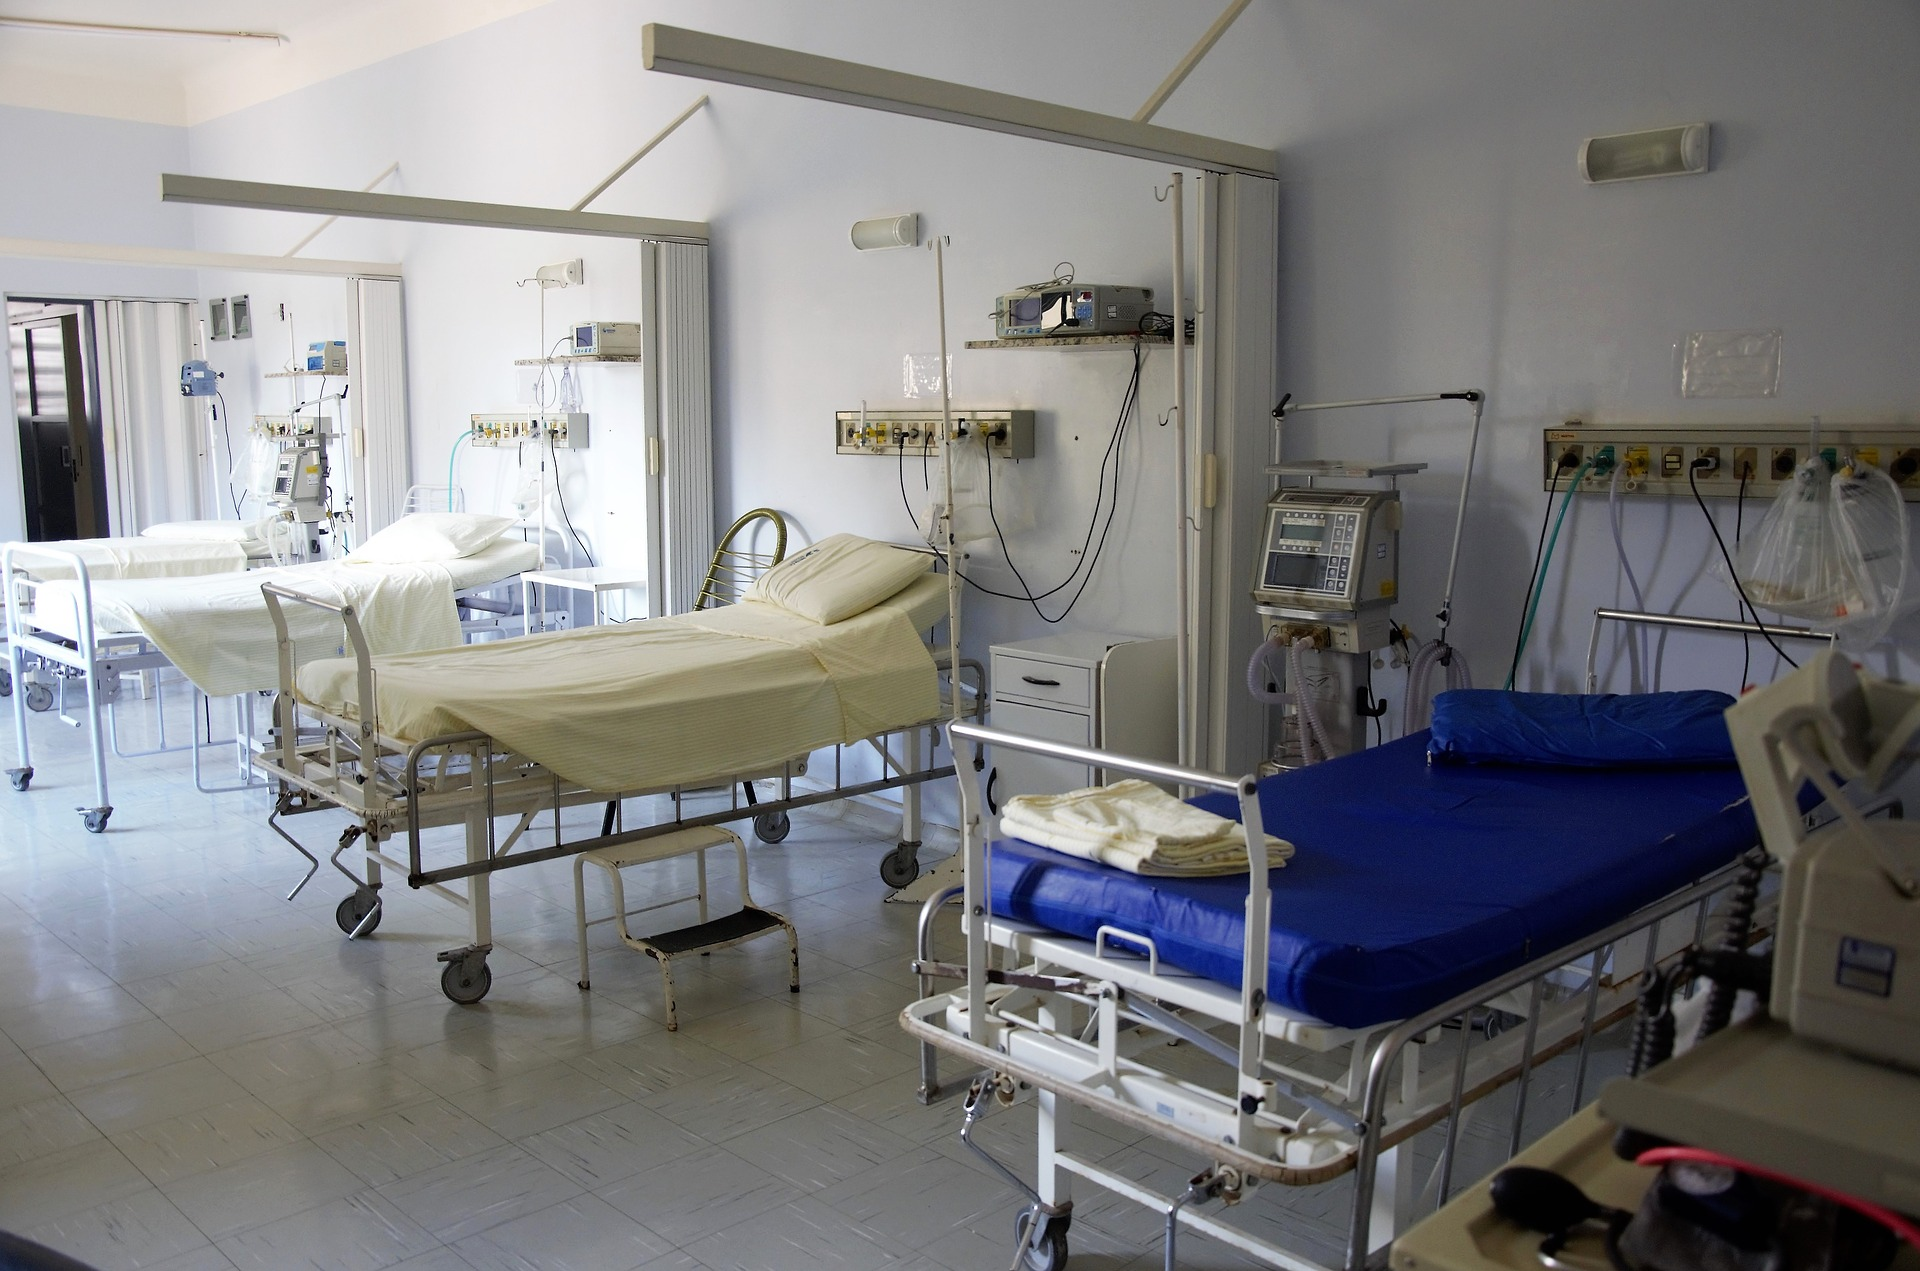 Dobra informacja dla pacjentów: szpitale na Pomorzu powoli odmrażają planowe zabiegi, rehabilitacje i poradnie [RAPORT]